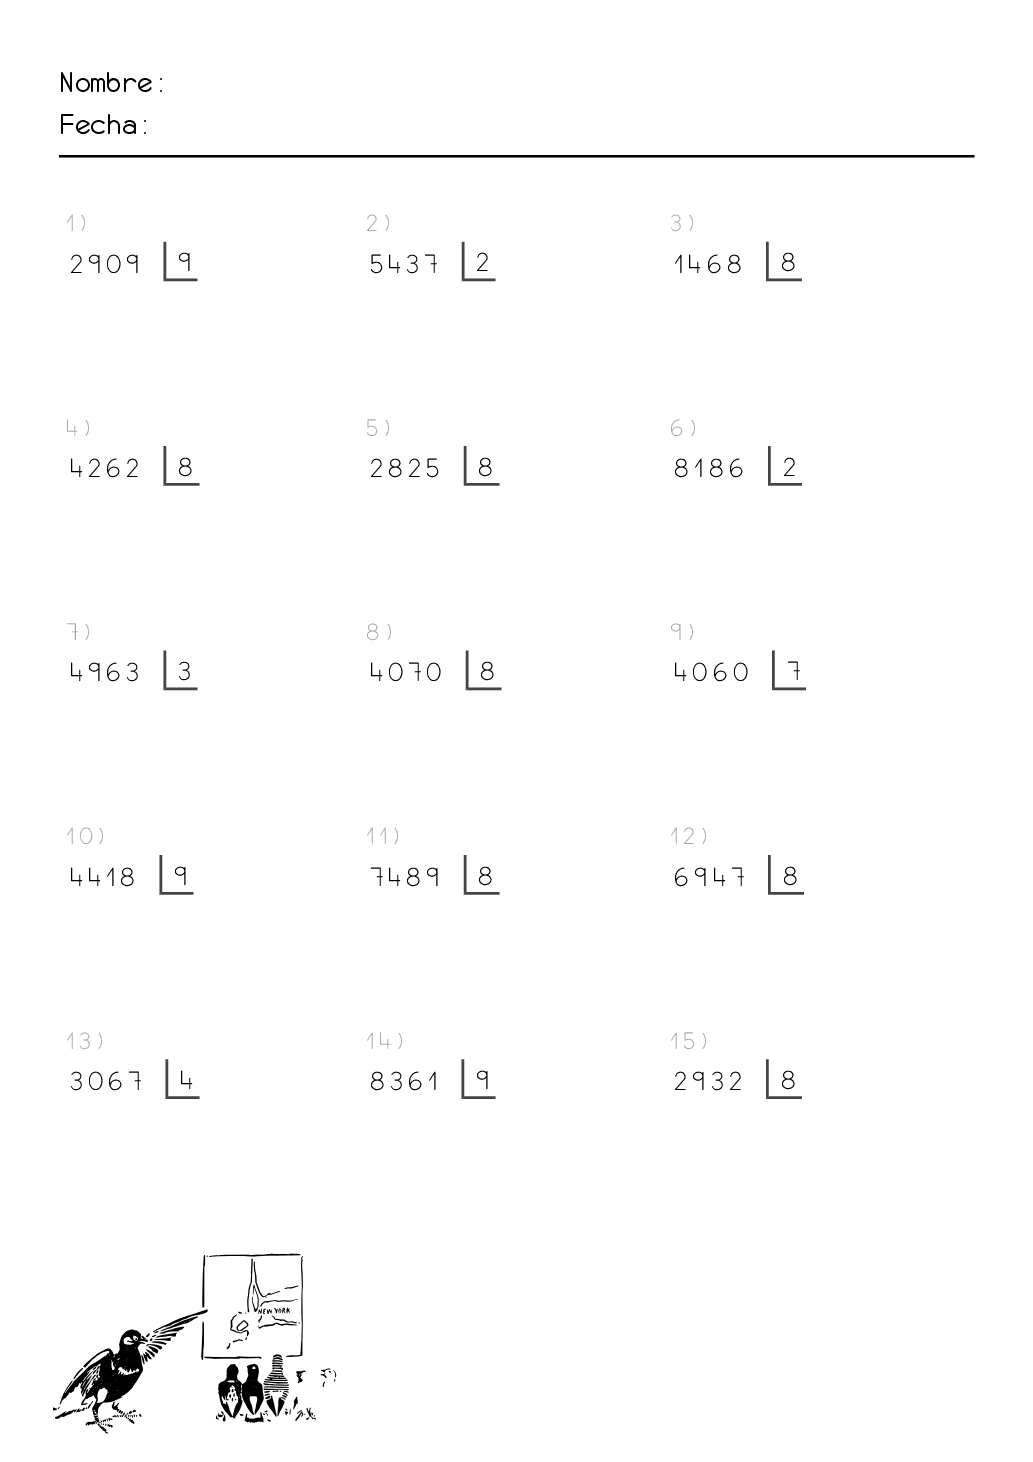 ejercicios de divisiones para imprimir